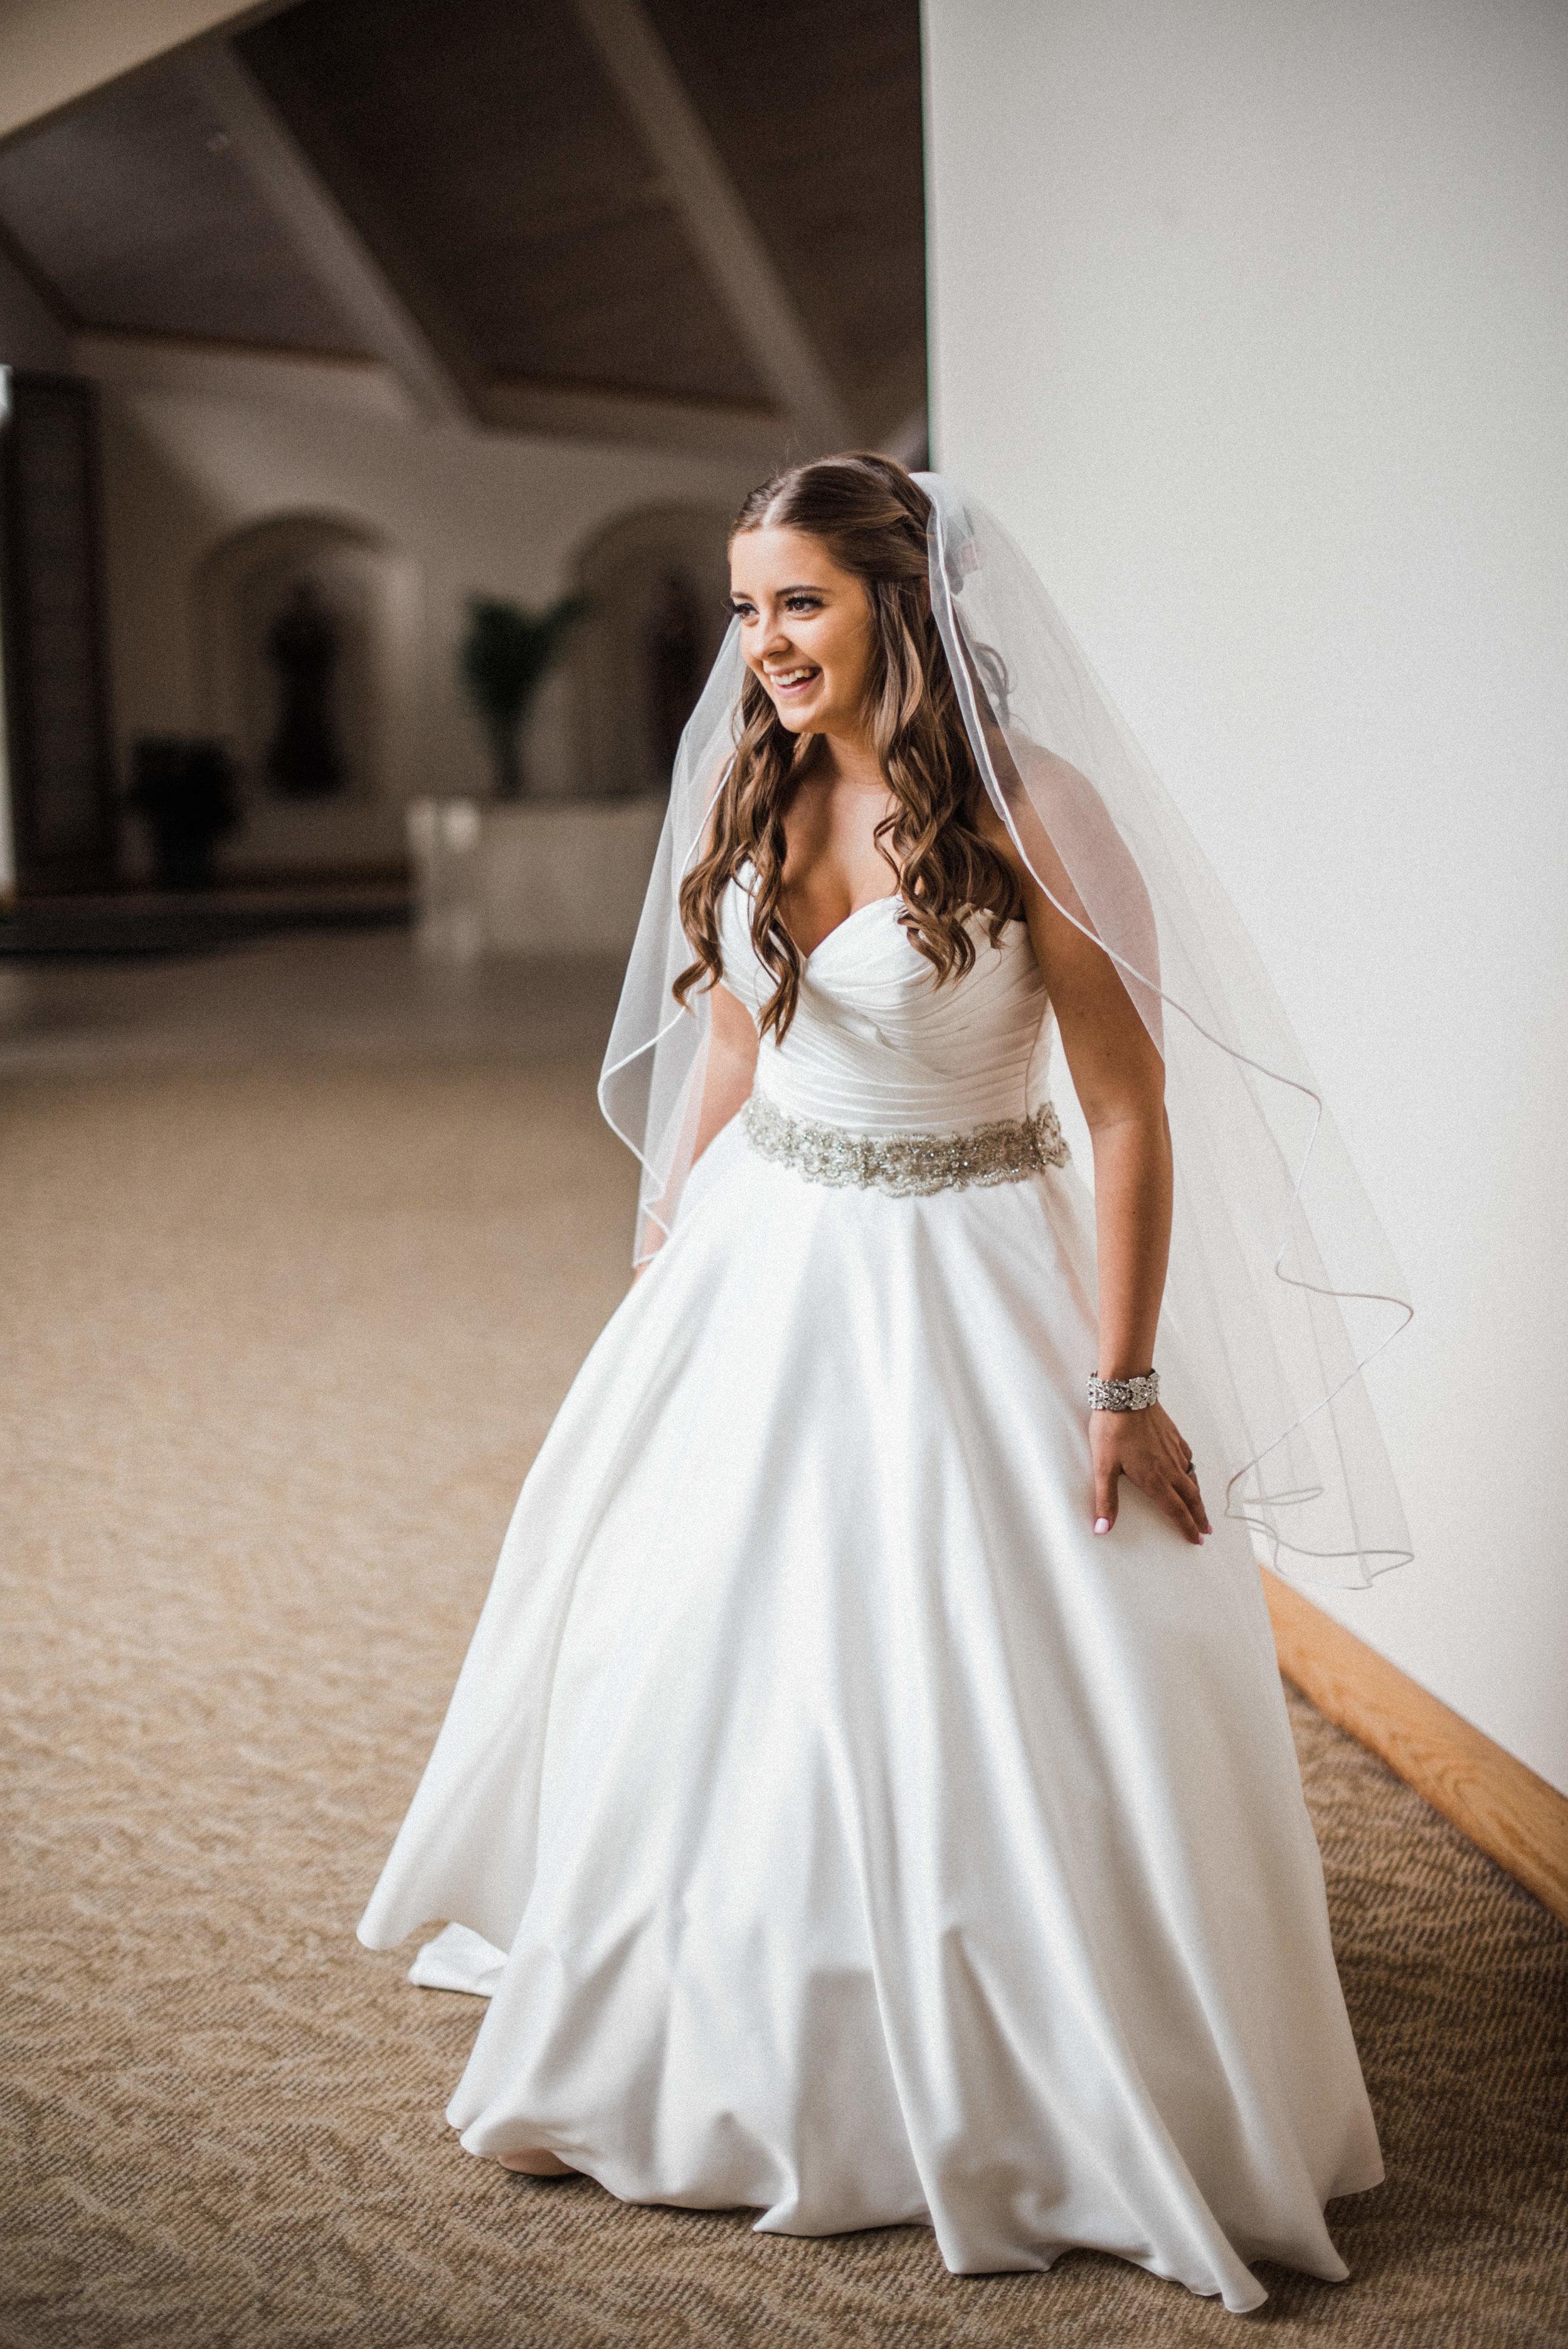 Mooreland Mansion | Cleveland Wedding Photographer